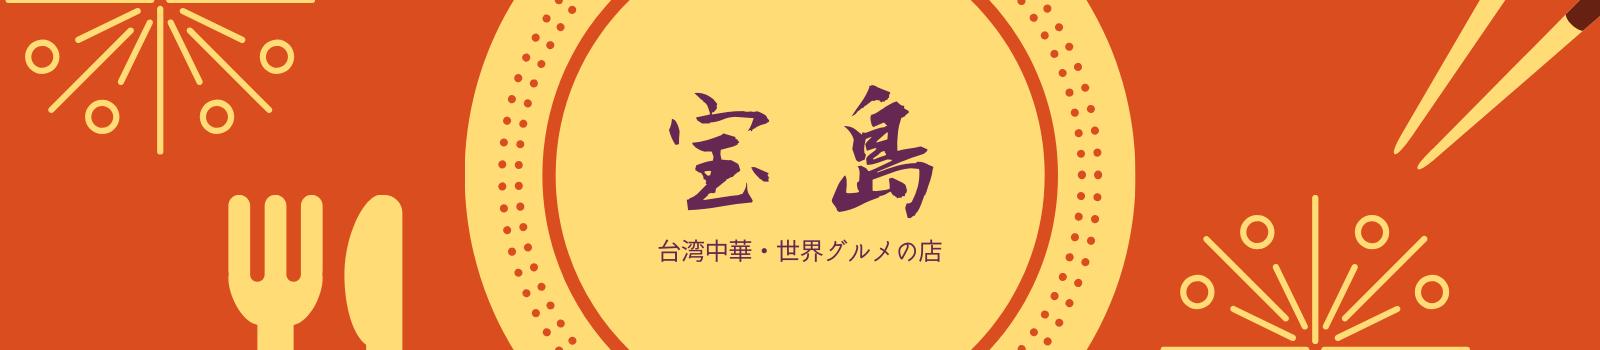 宝島 台湾中華・世界グルメの店